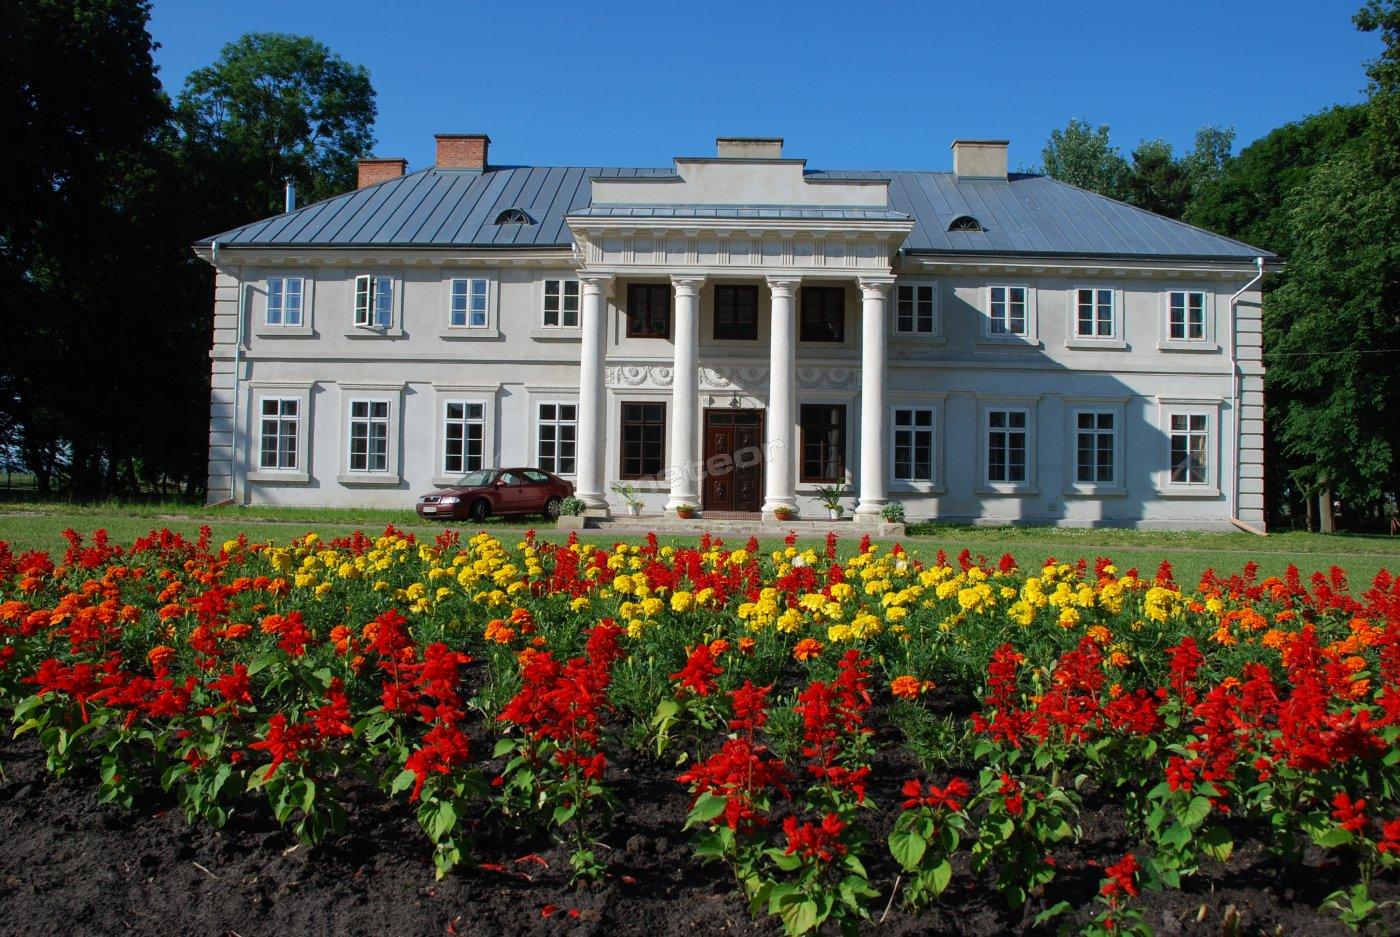 Wzniesiony na początku XIX w. pałac. Obiekt był budowany przez właściciela Łabuń i Łabuniek, przybyłego ze Lwowa Stanisława hrabiego Grzębskiego dla młodszej ze swych córek, Teofili.